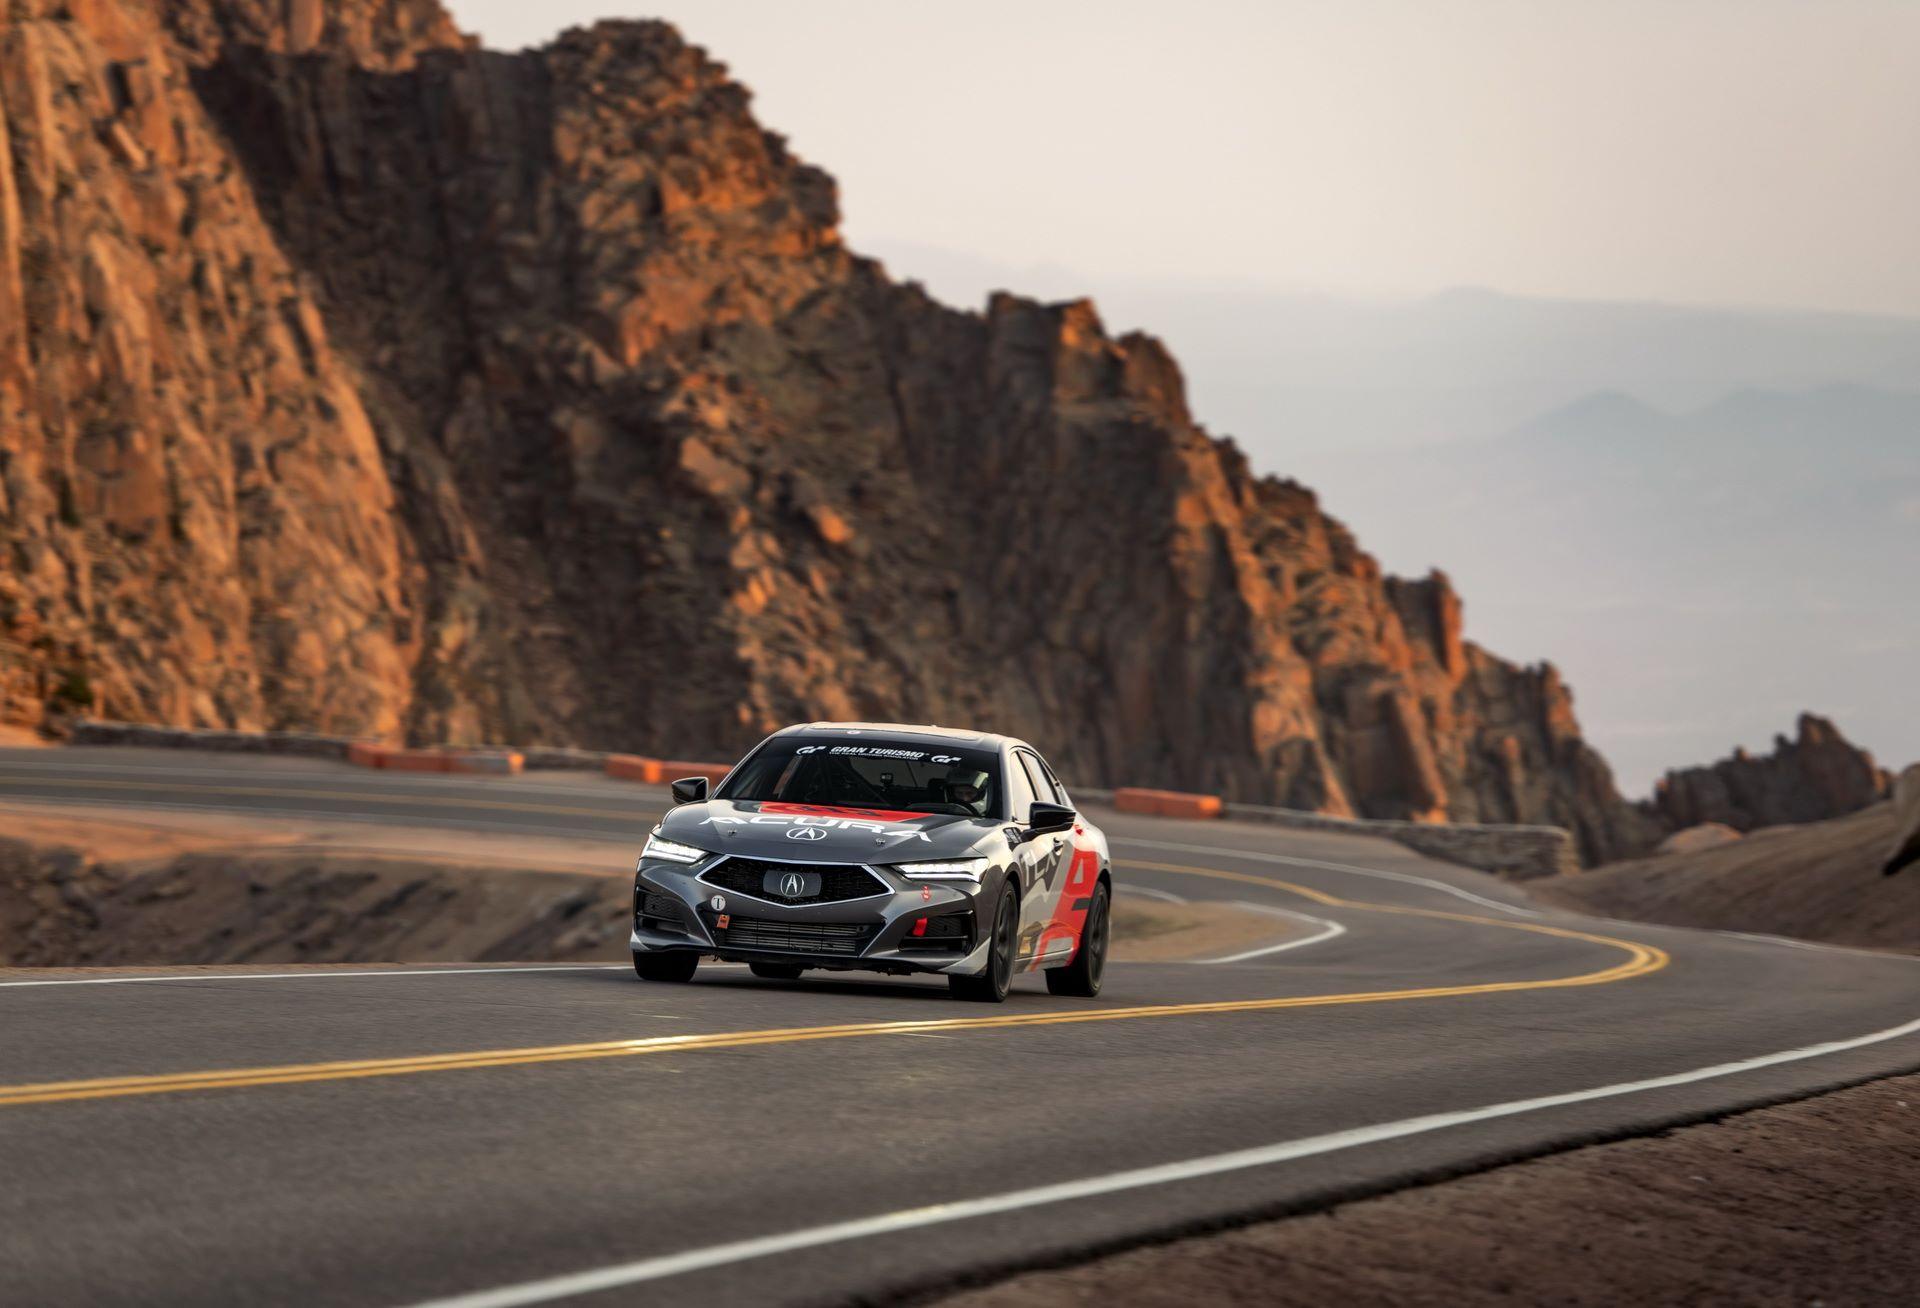 Acura-Pikes-Peak-2020-11